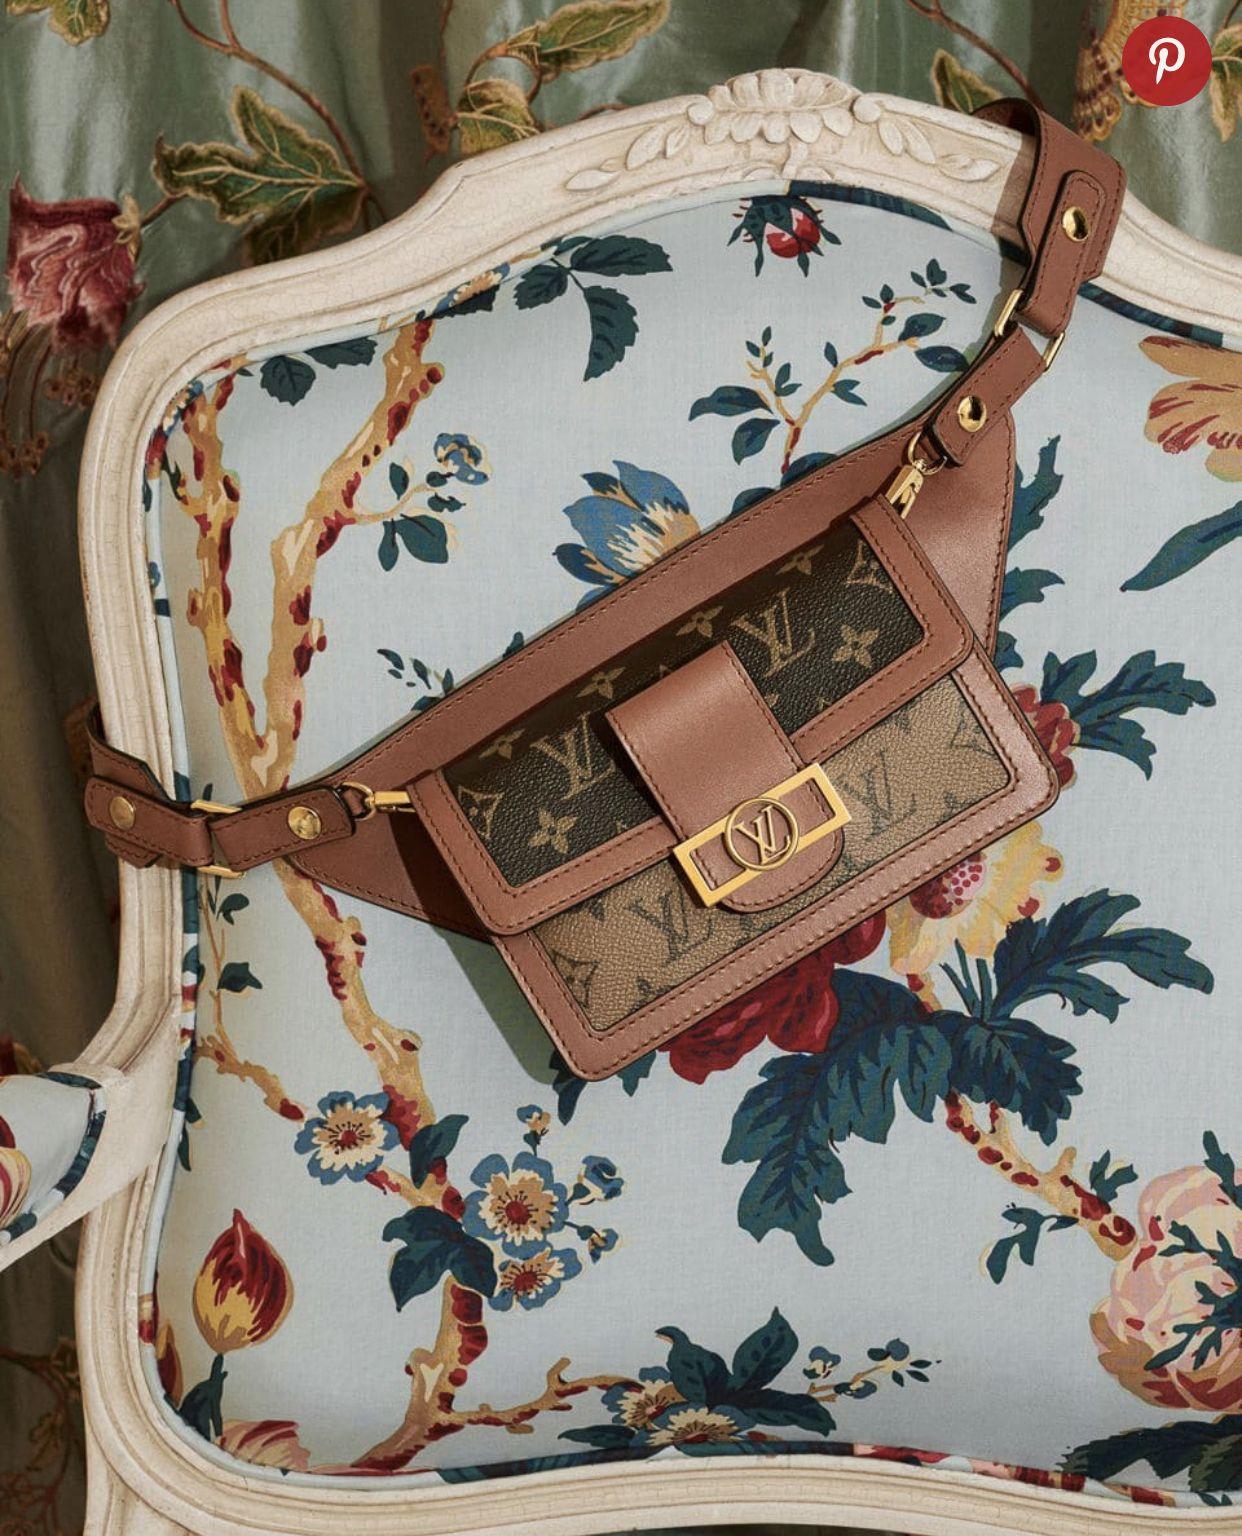 02aa398d0 LV Dauphine Belt Bag S/S 2019 | Luxe Edition in 2019 | Buy louis ...